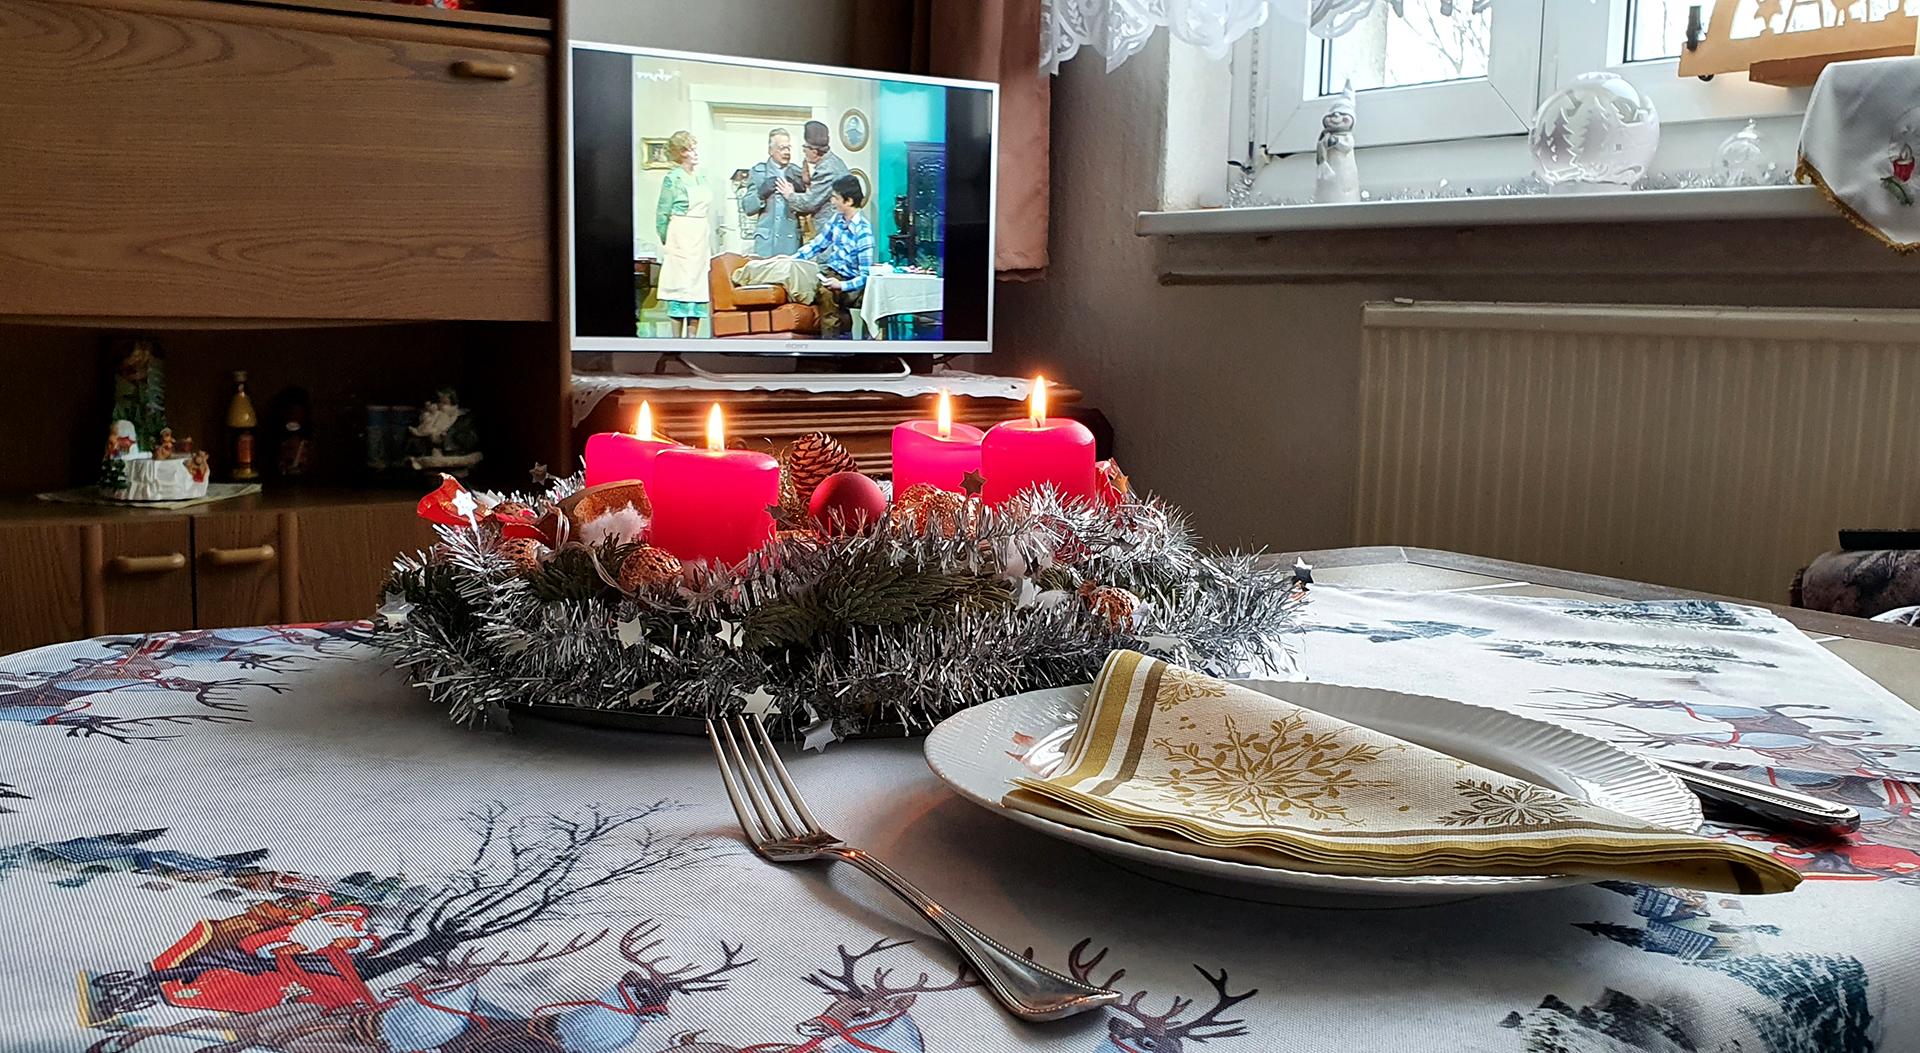 Vormittag am 2. Weihnachtsfeiertag